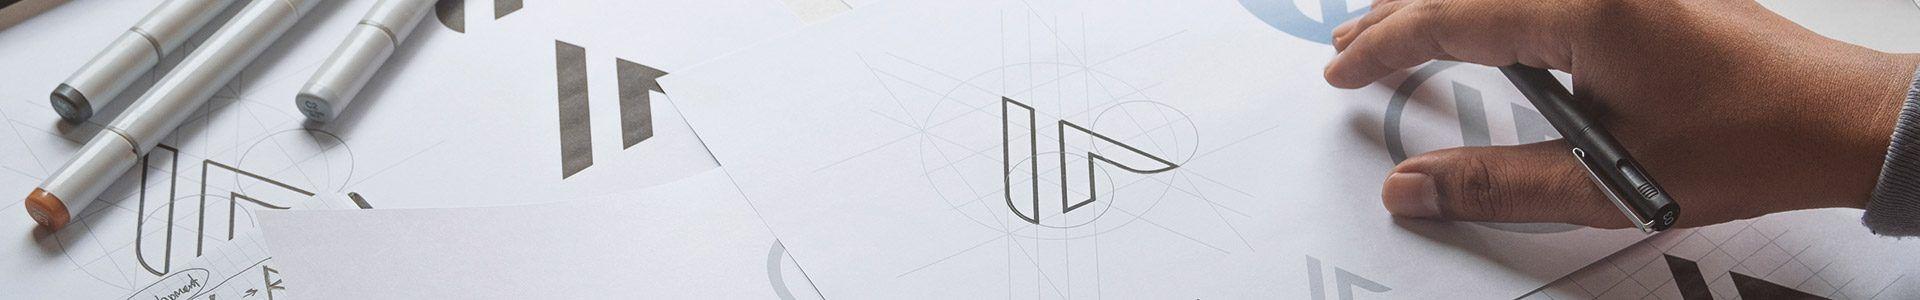 typografie kunst of kunde